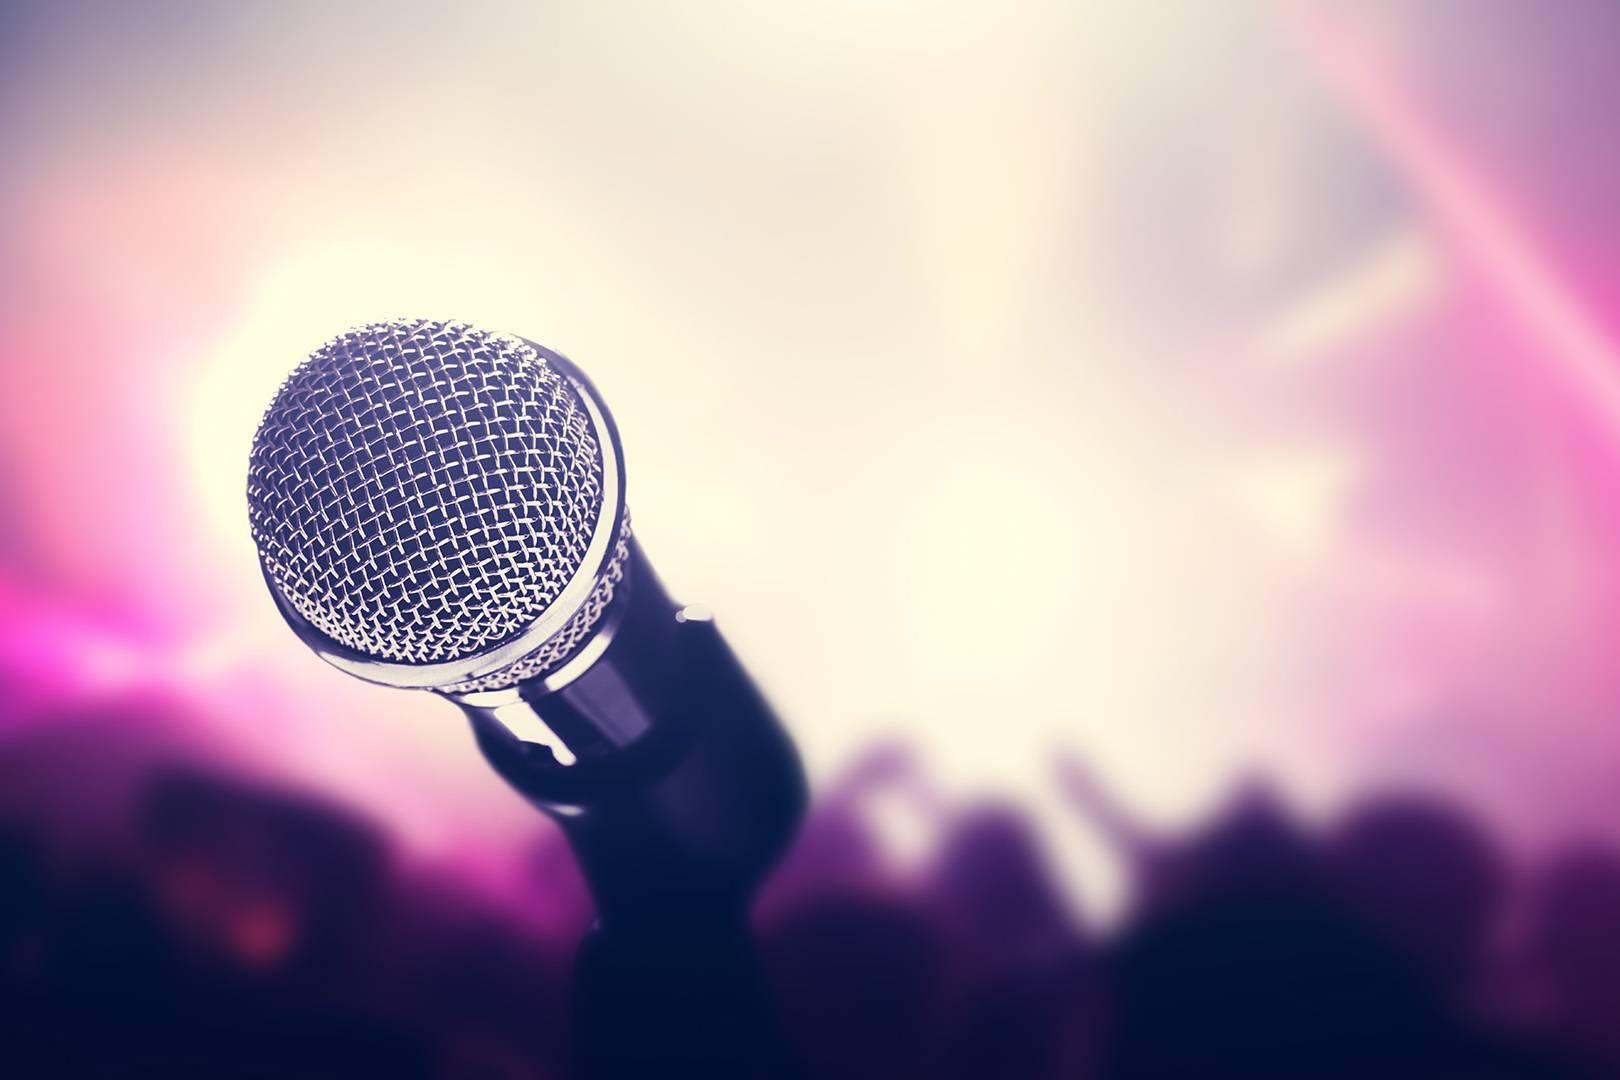 Dettaglio microfono